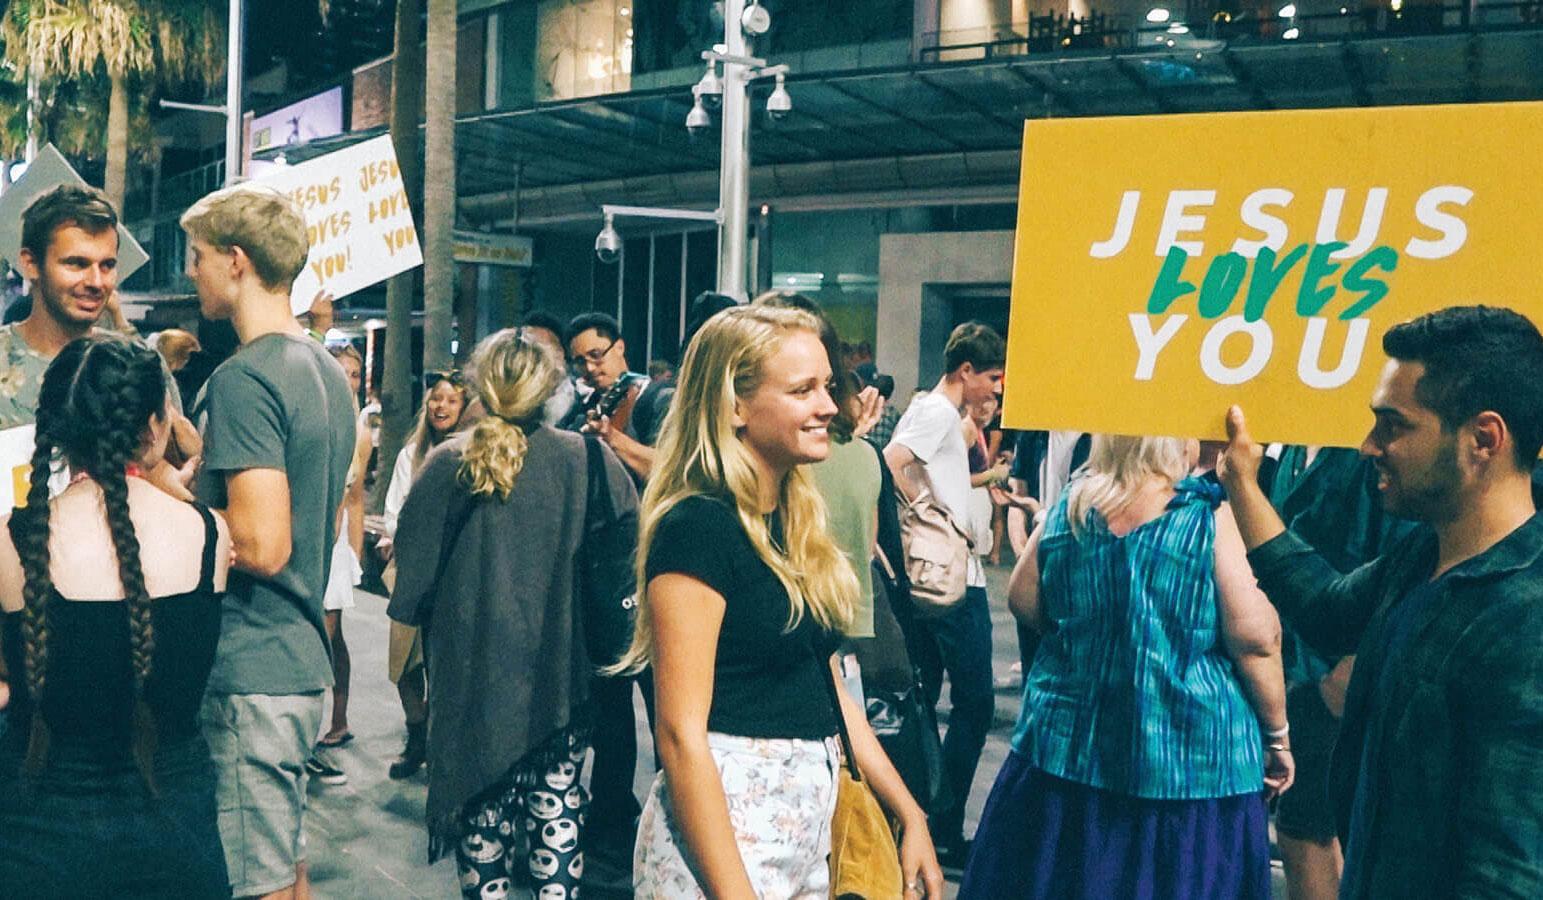 Empowering peer-to-peer evangelism